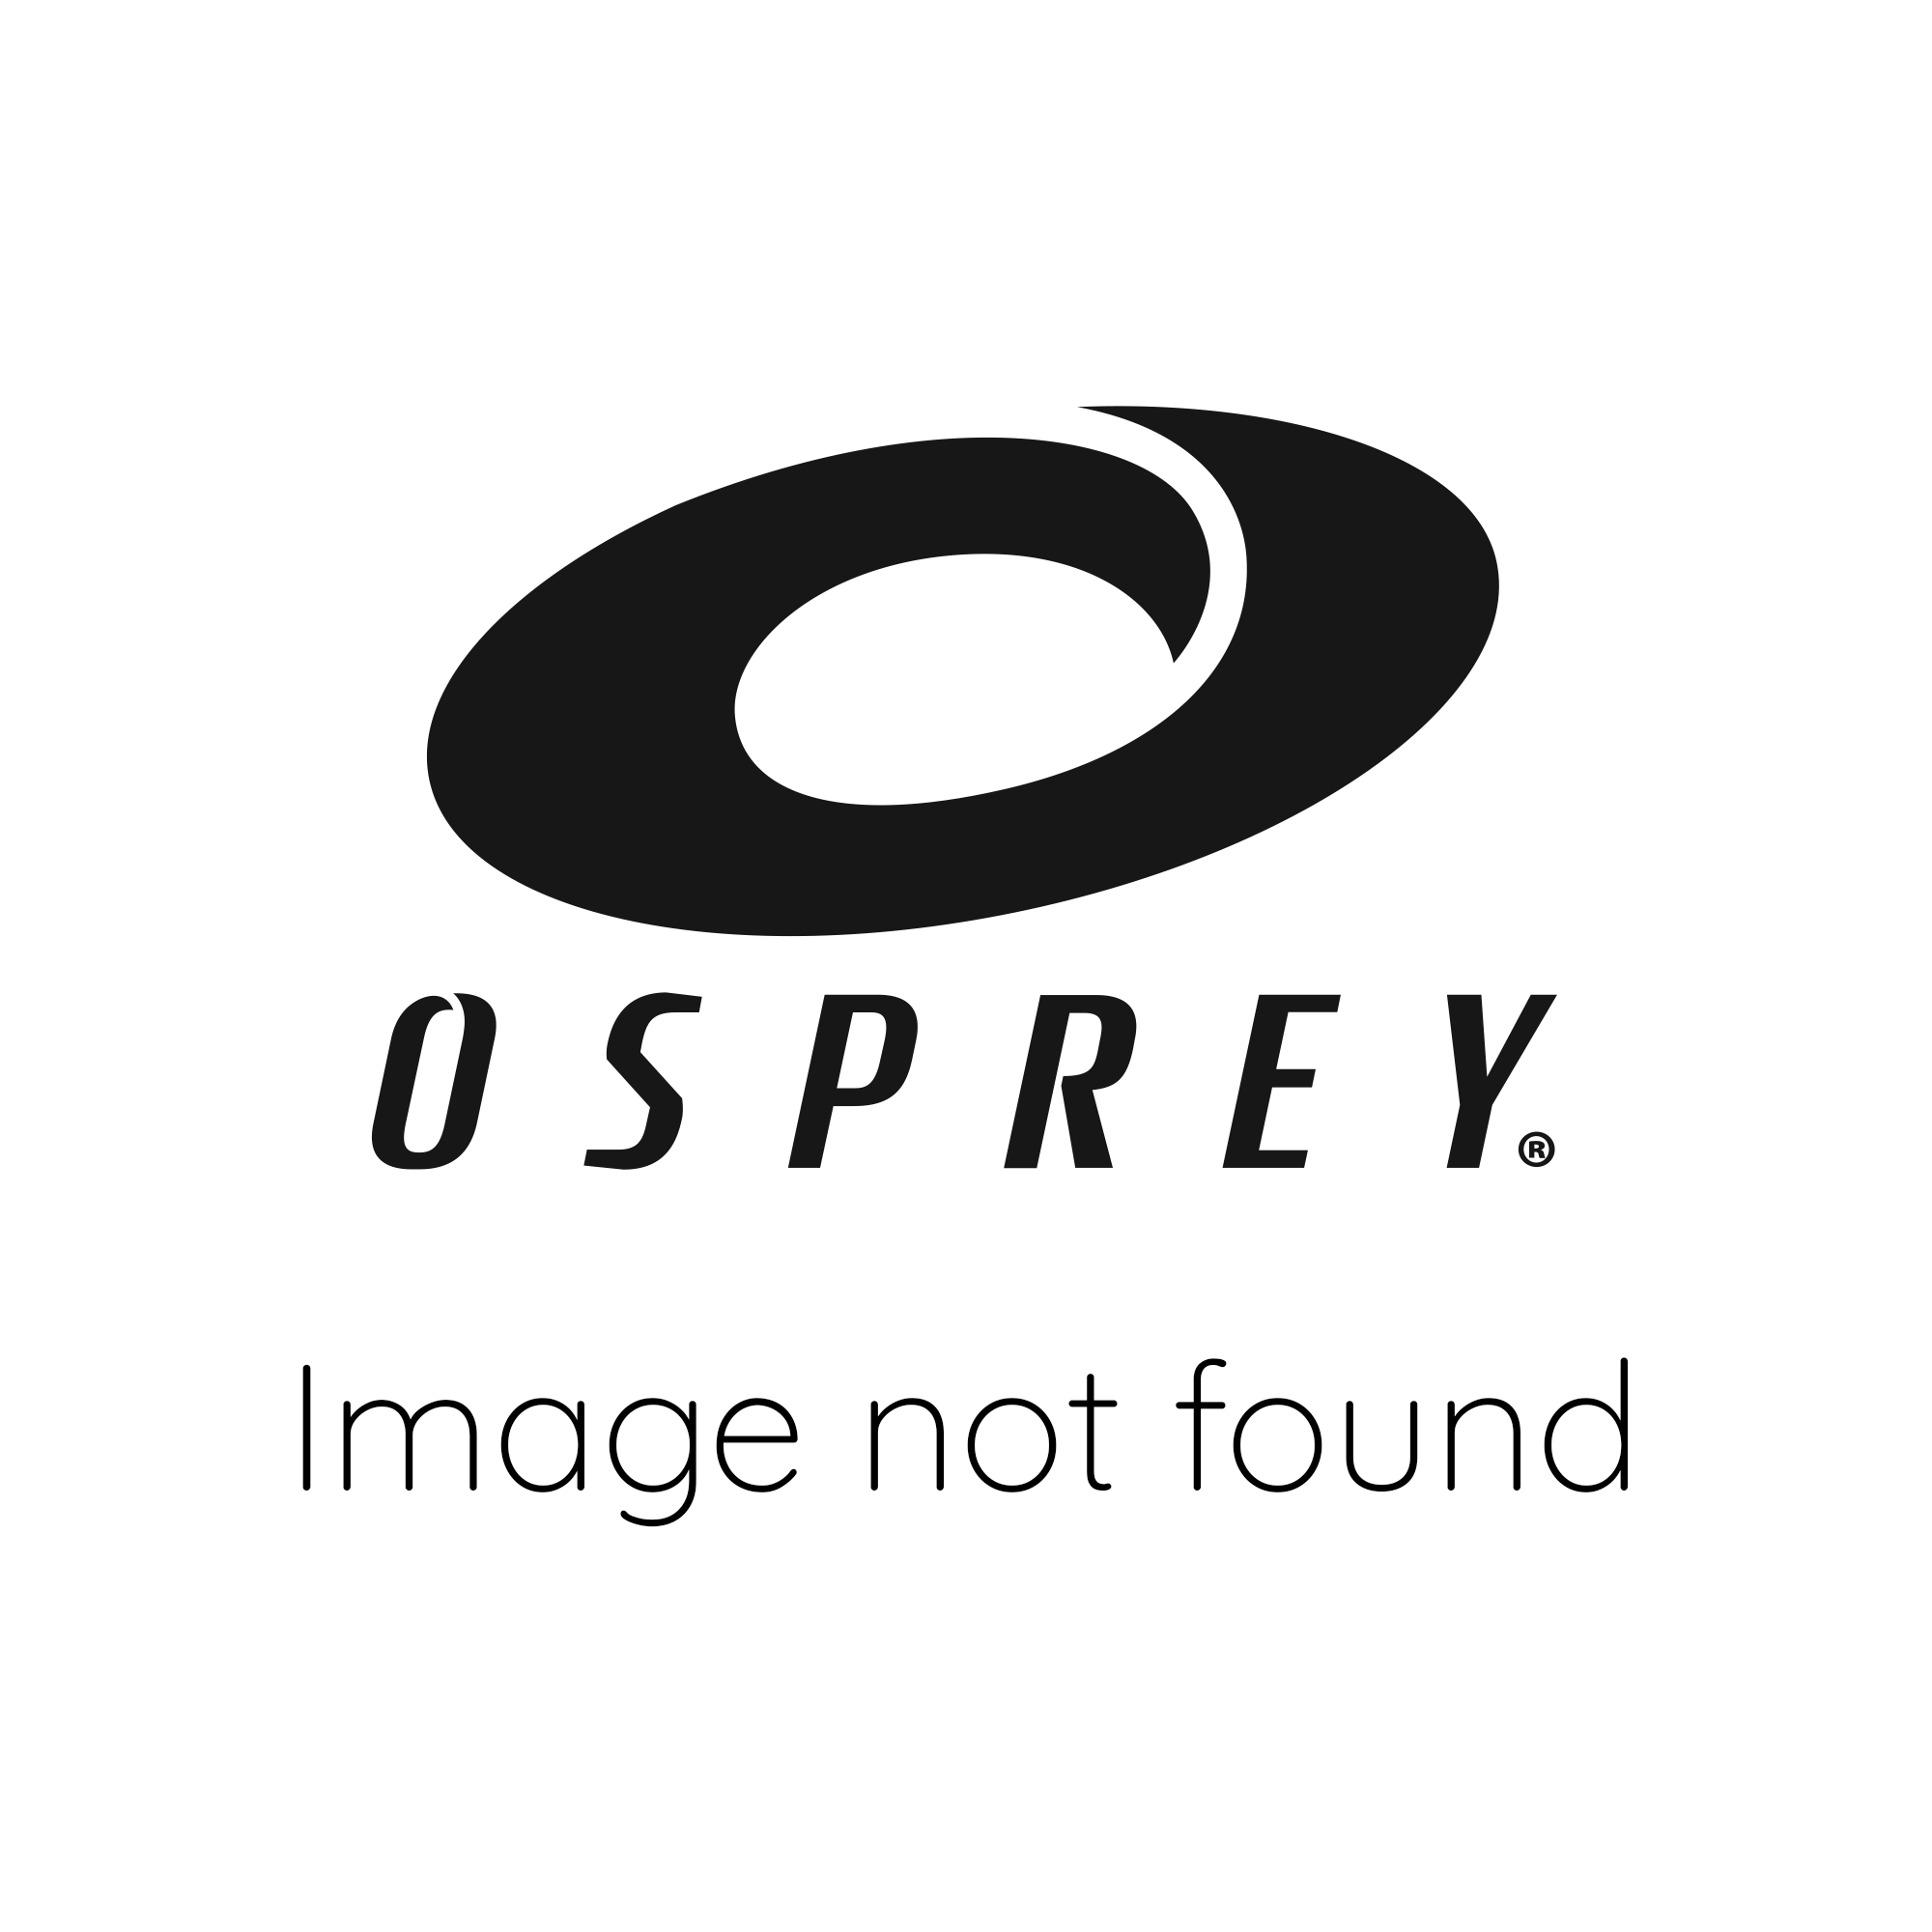 Osprey Womens Rash Vest UV 50+ - Navy